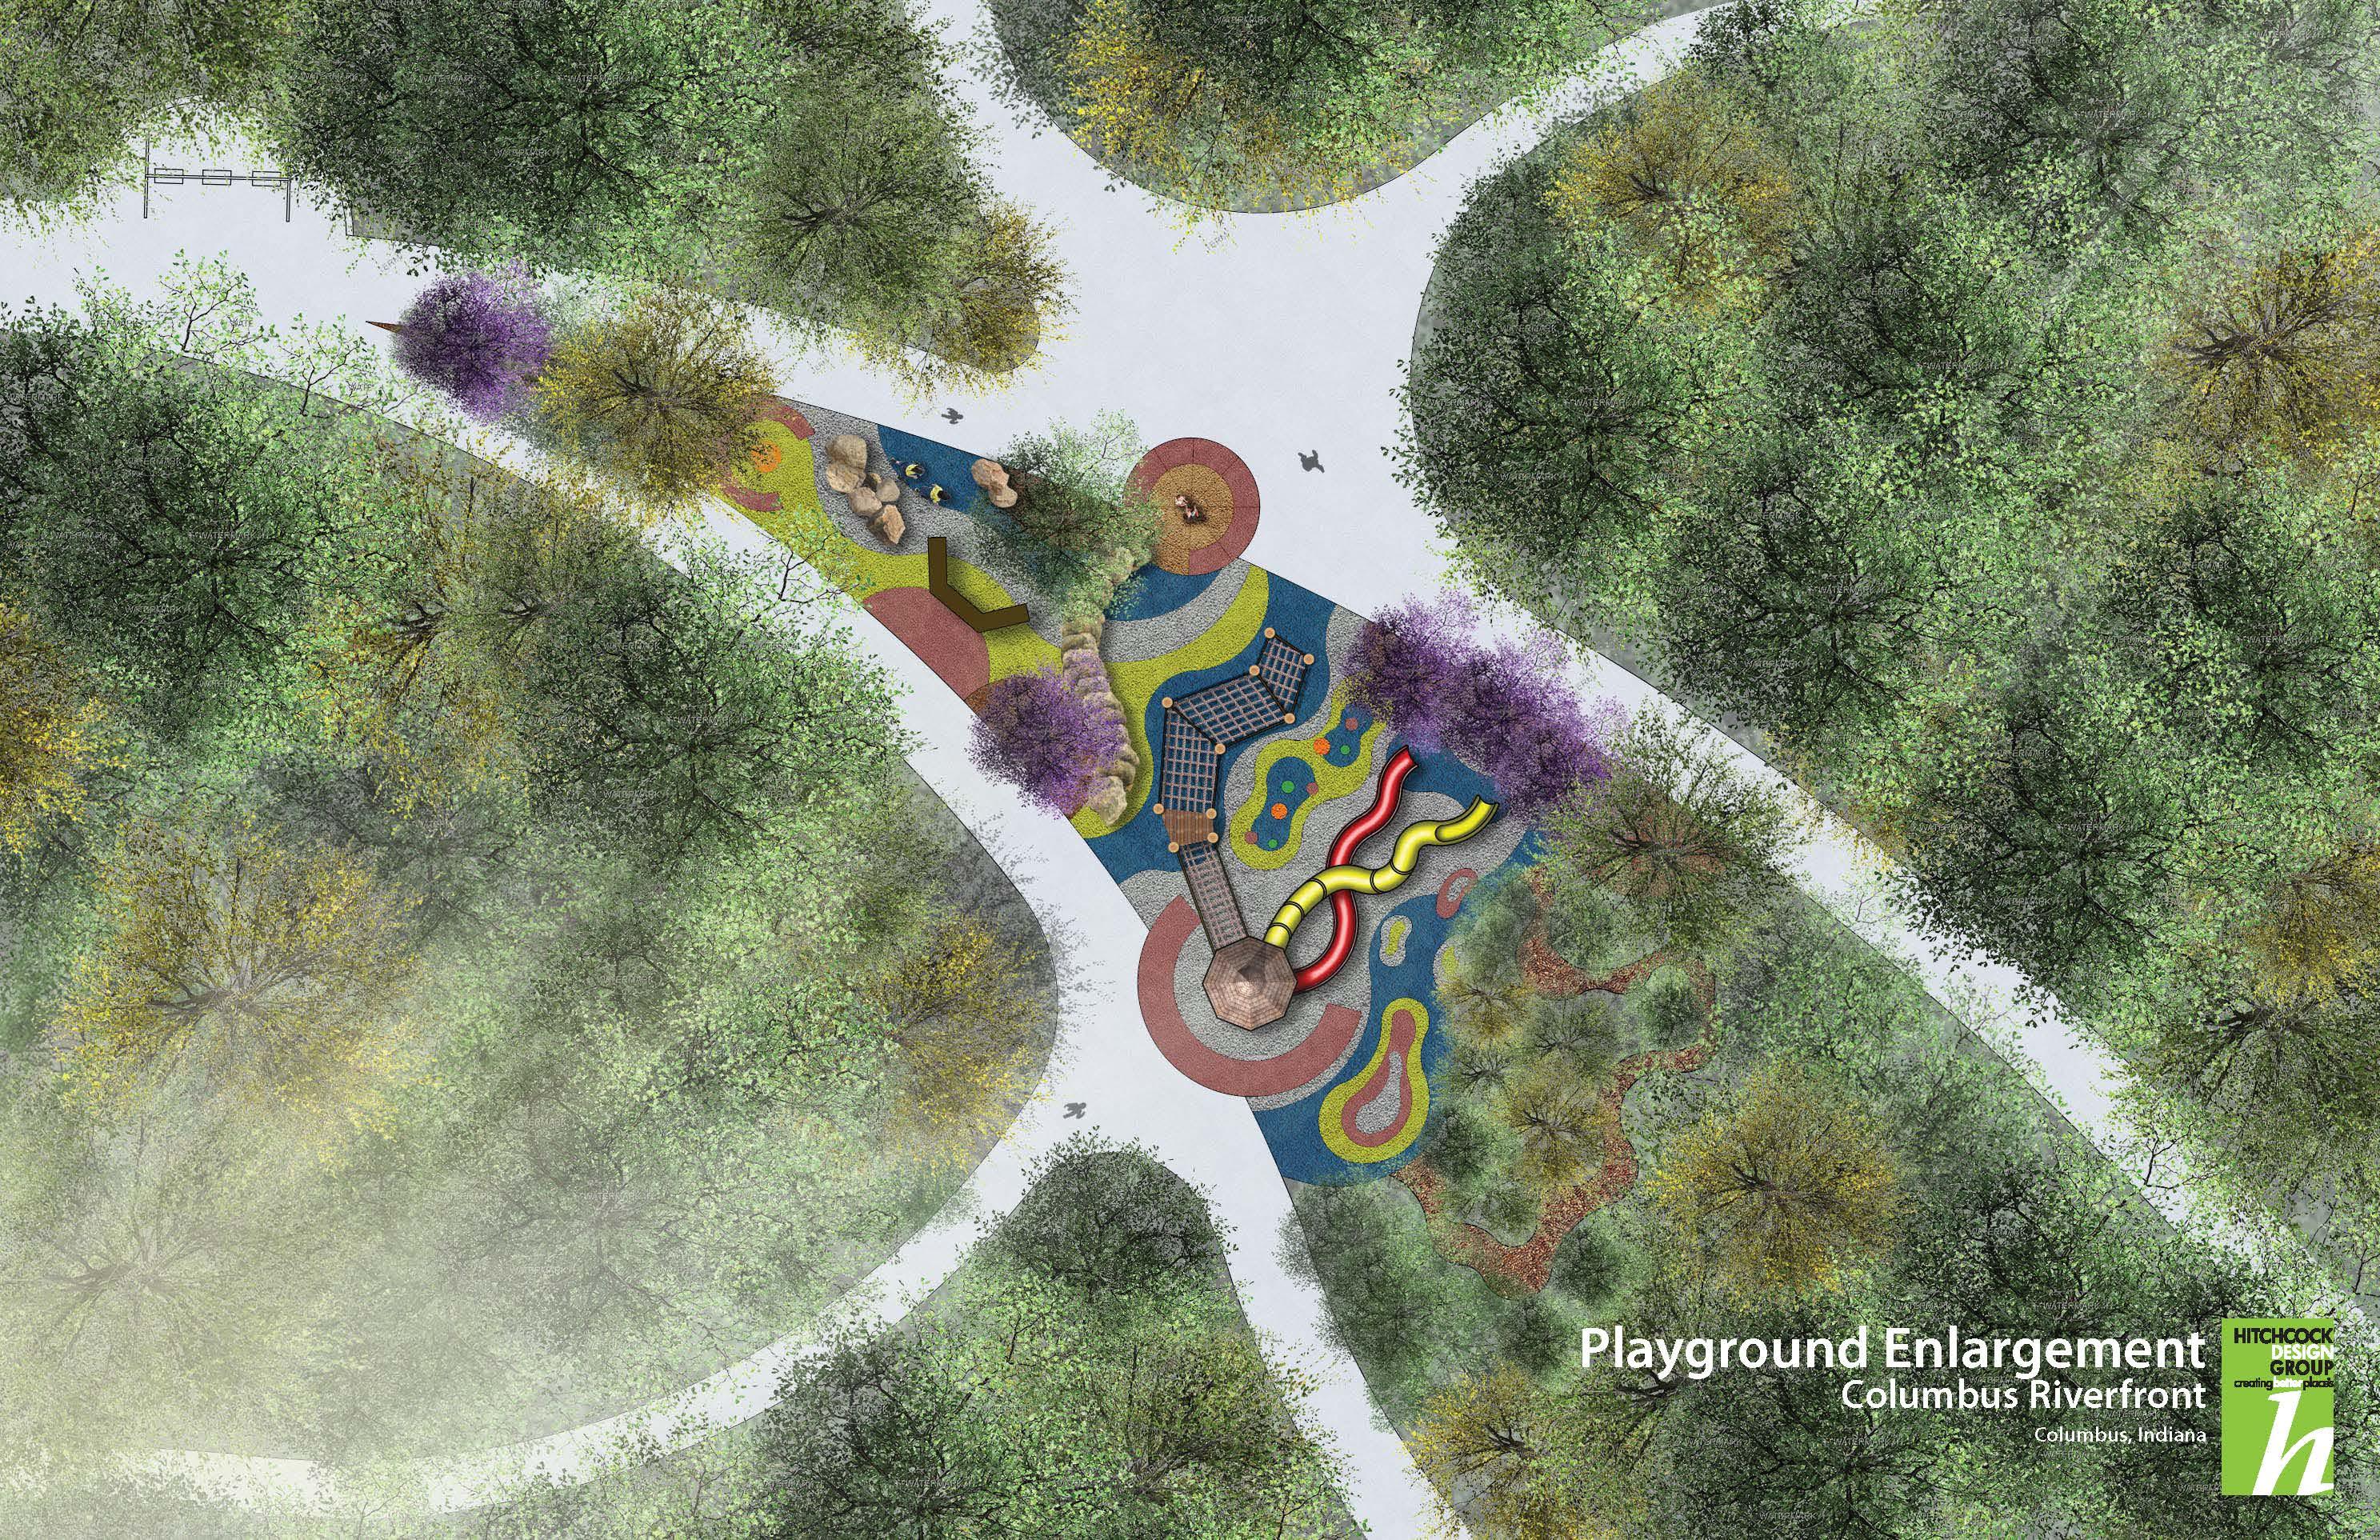 Playground Enlargement